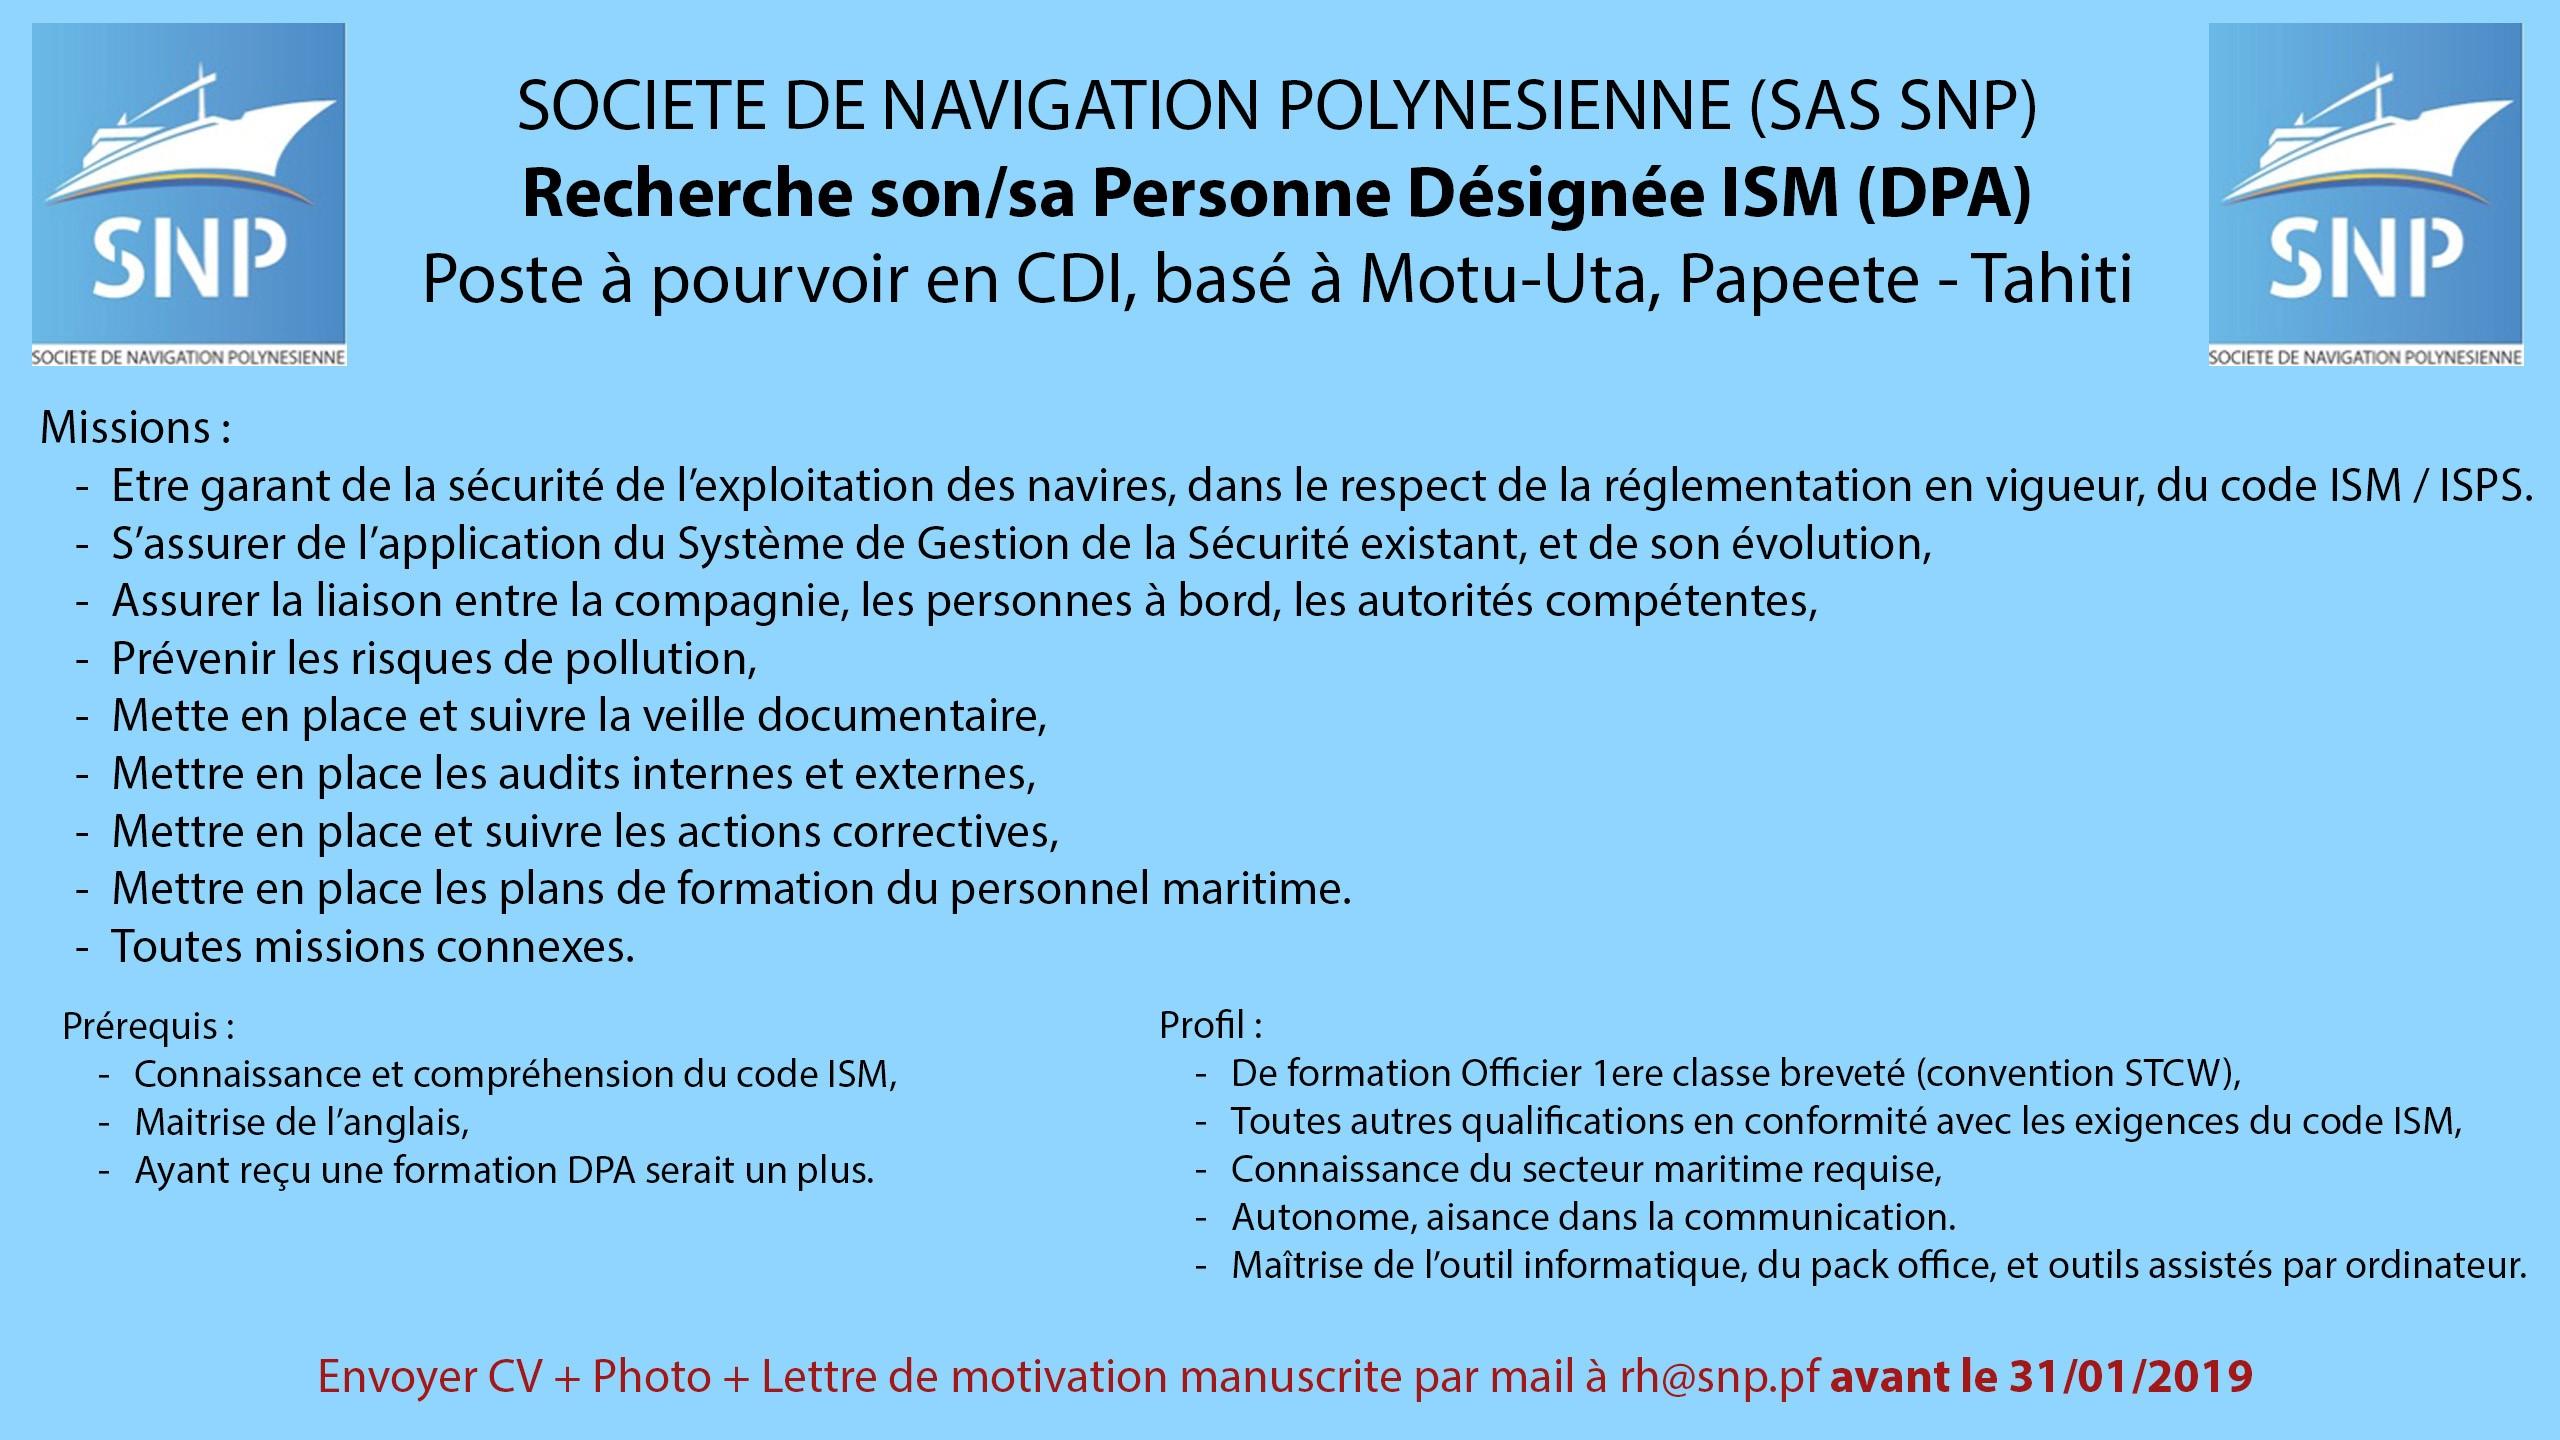 emplois  u0026 formations  u2013 le site du cluster maritime de la